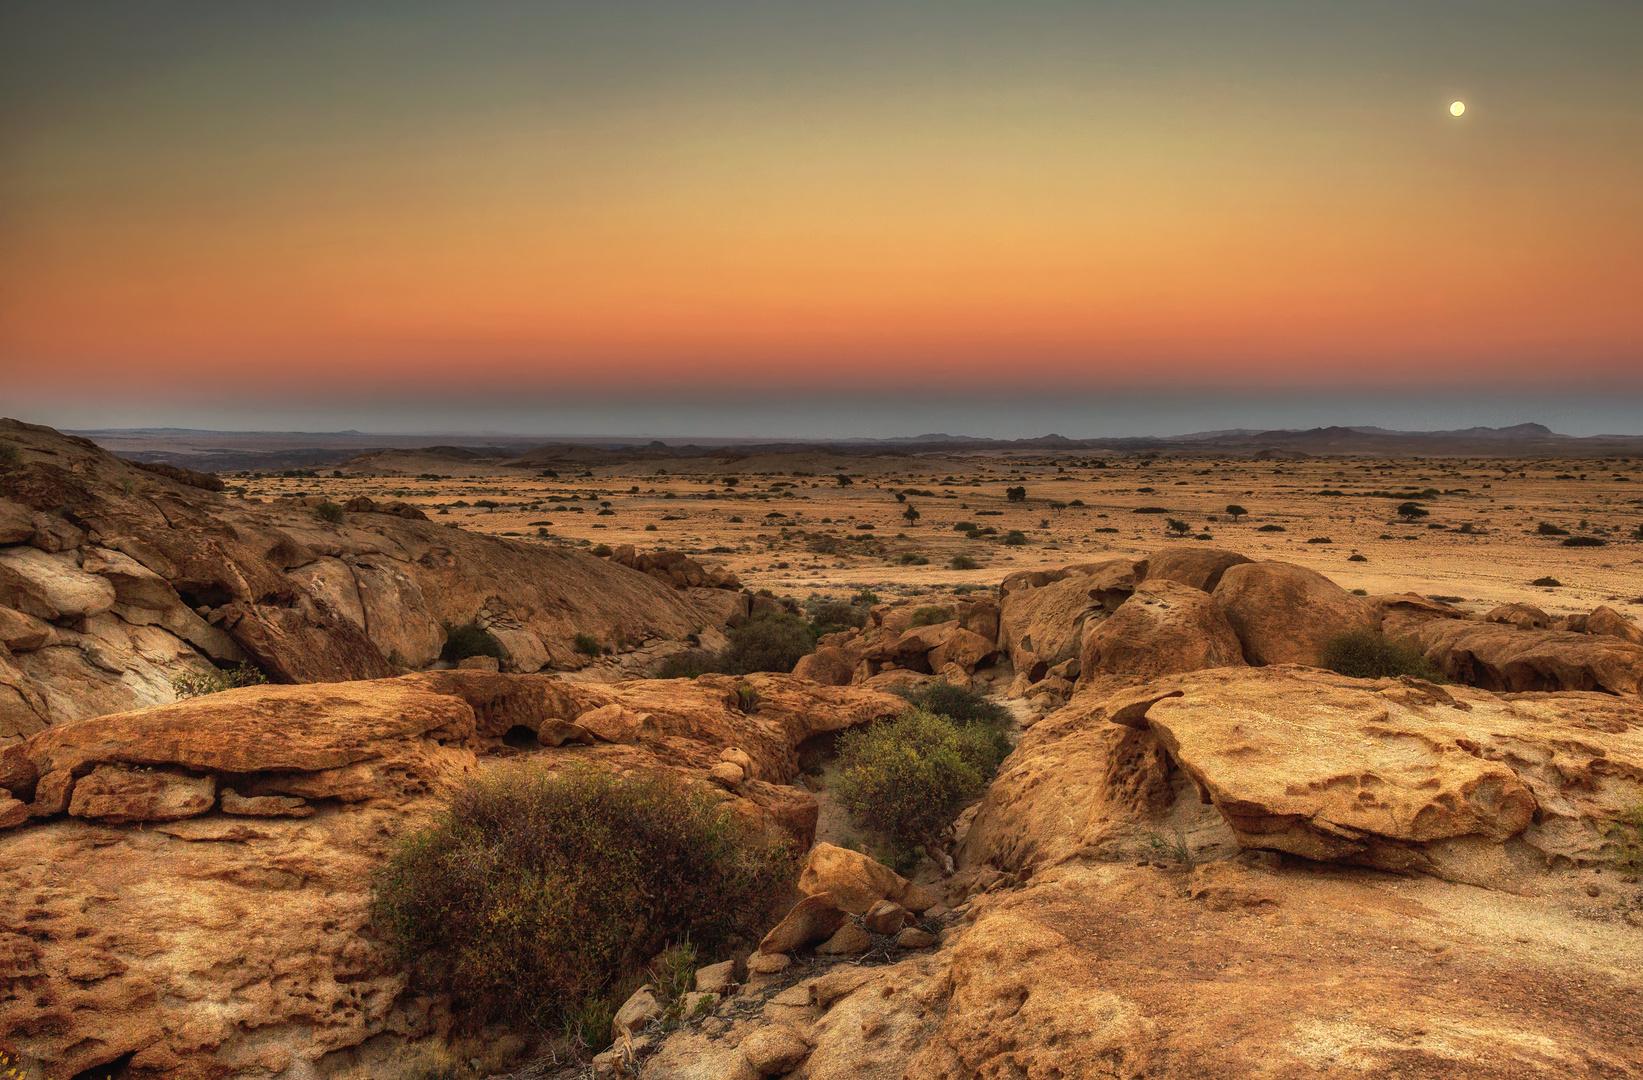 Morgendämmerung in Namibia